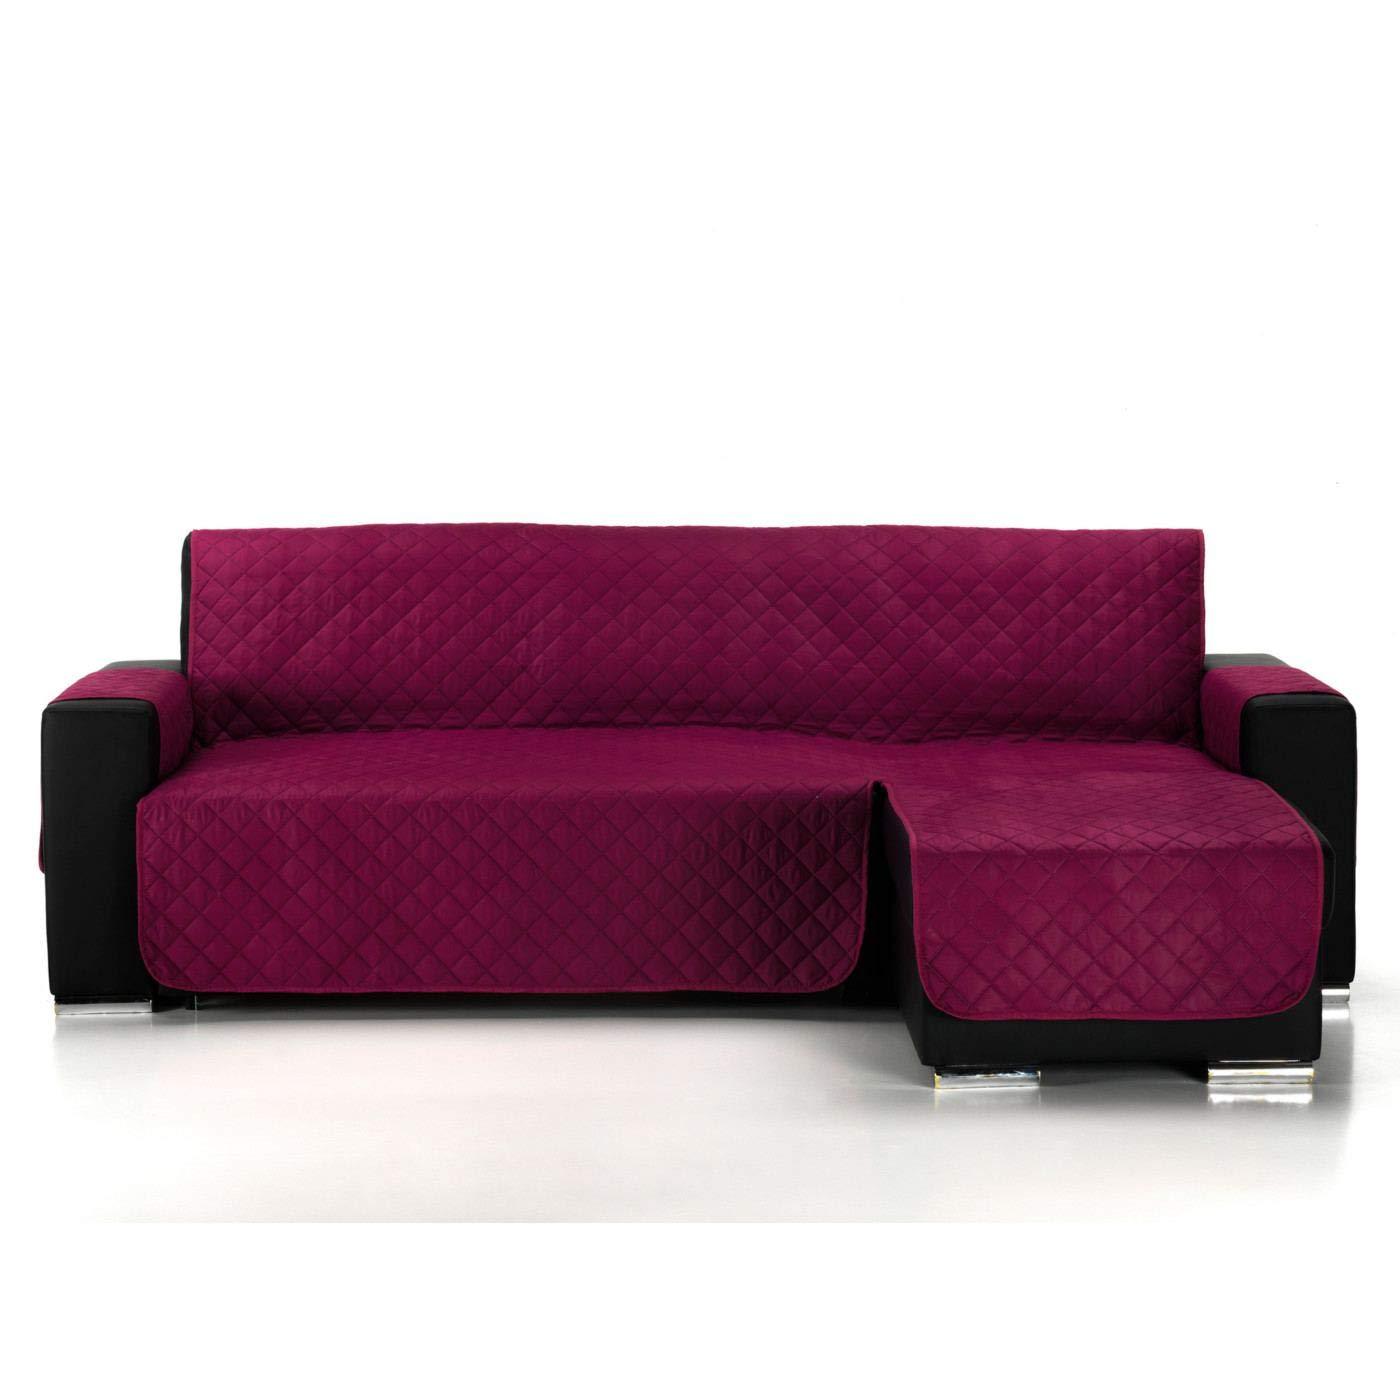 Funda Cubre Chaise Longue Acolchada Modelo Pelícano, Color Marrón, Medida 240cm · Brazo Izquierdo (Mirándolo de Frente)